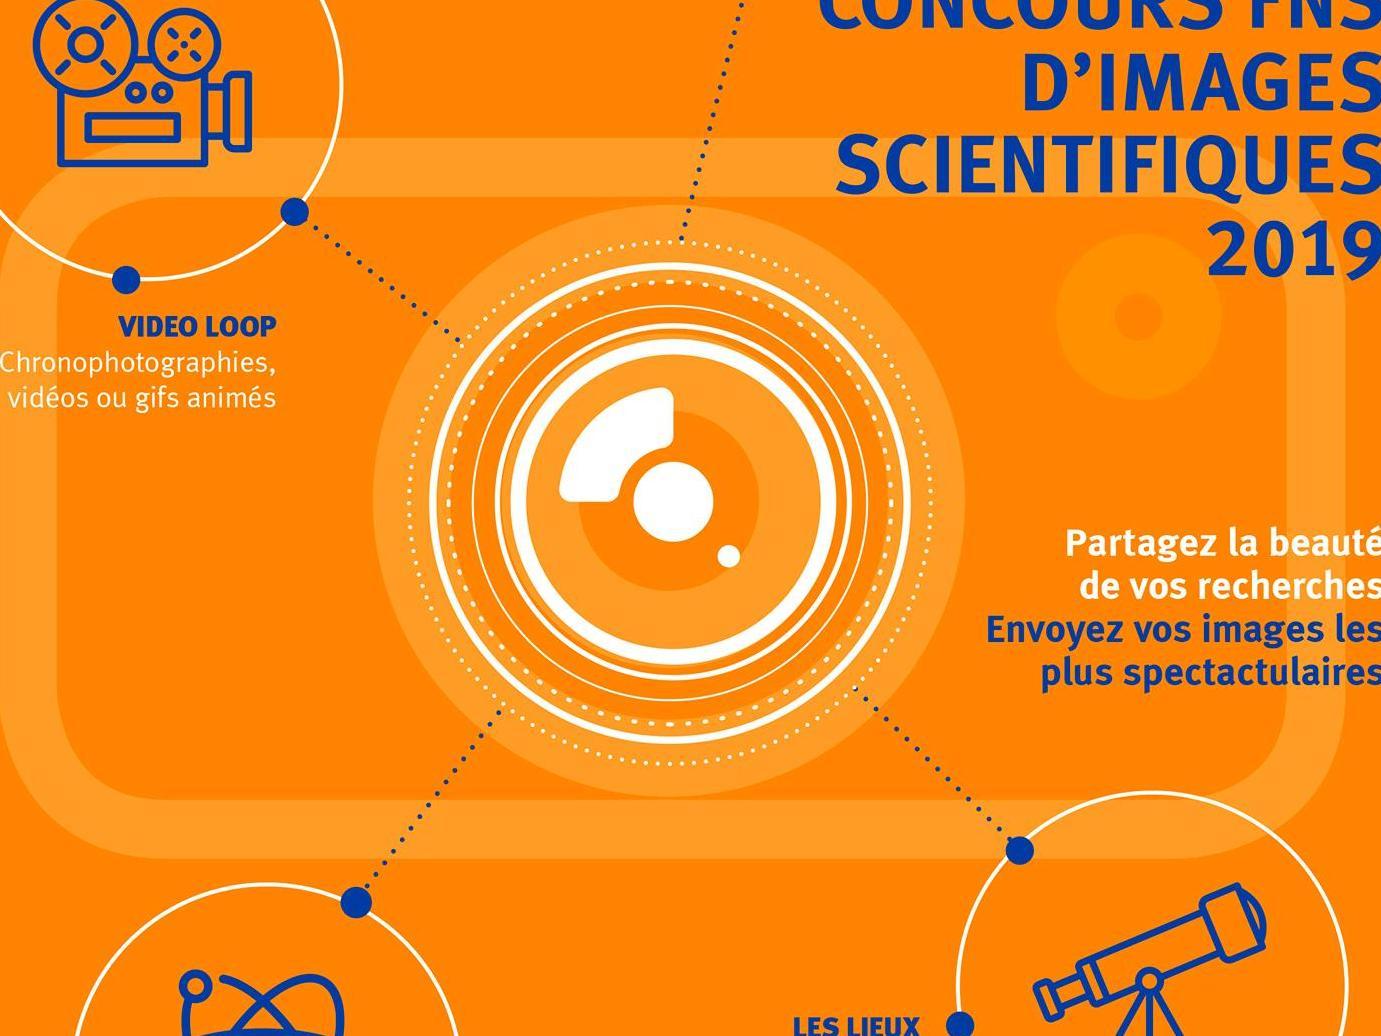 Concours FNS d'images scientifiques 2019: participez et montrez votre recherche sous un nouvel angle